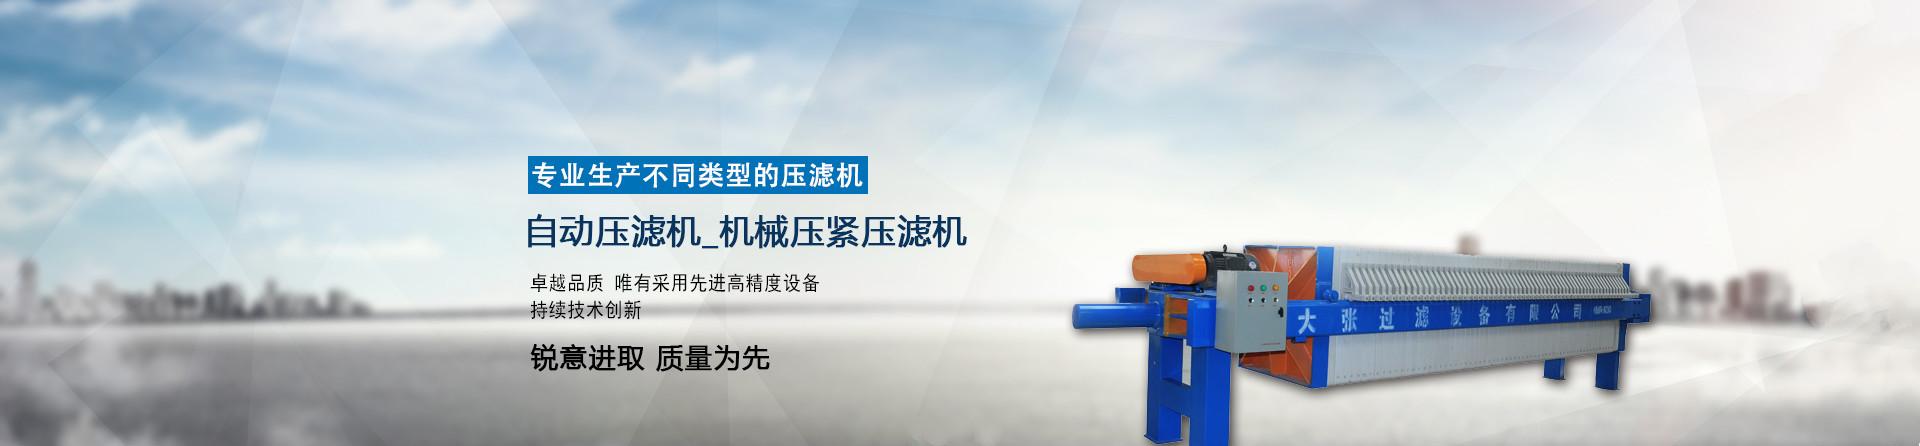 上海大张过滤设备有限公司